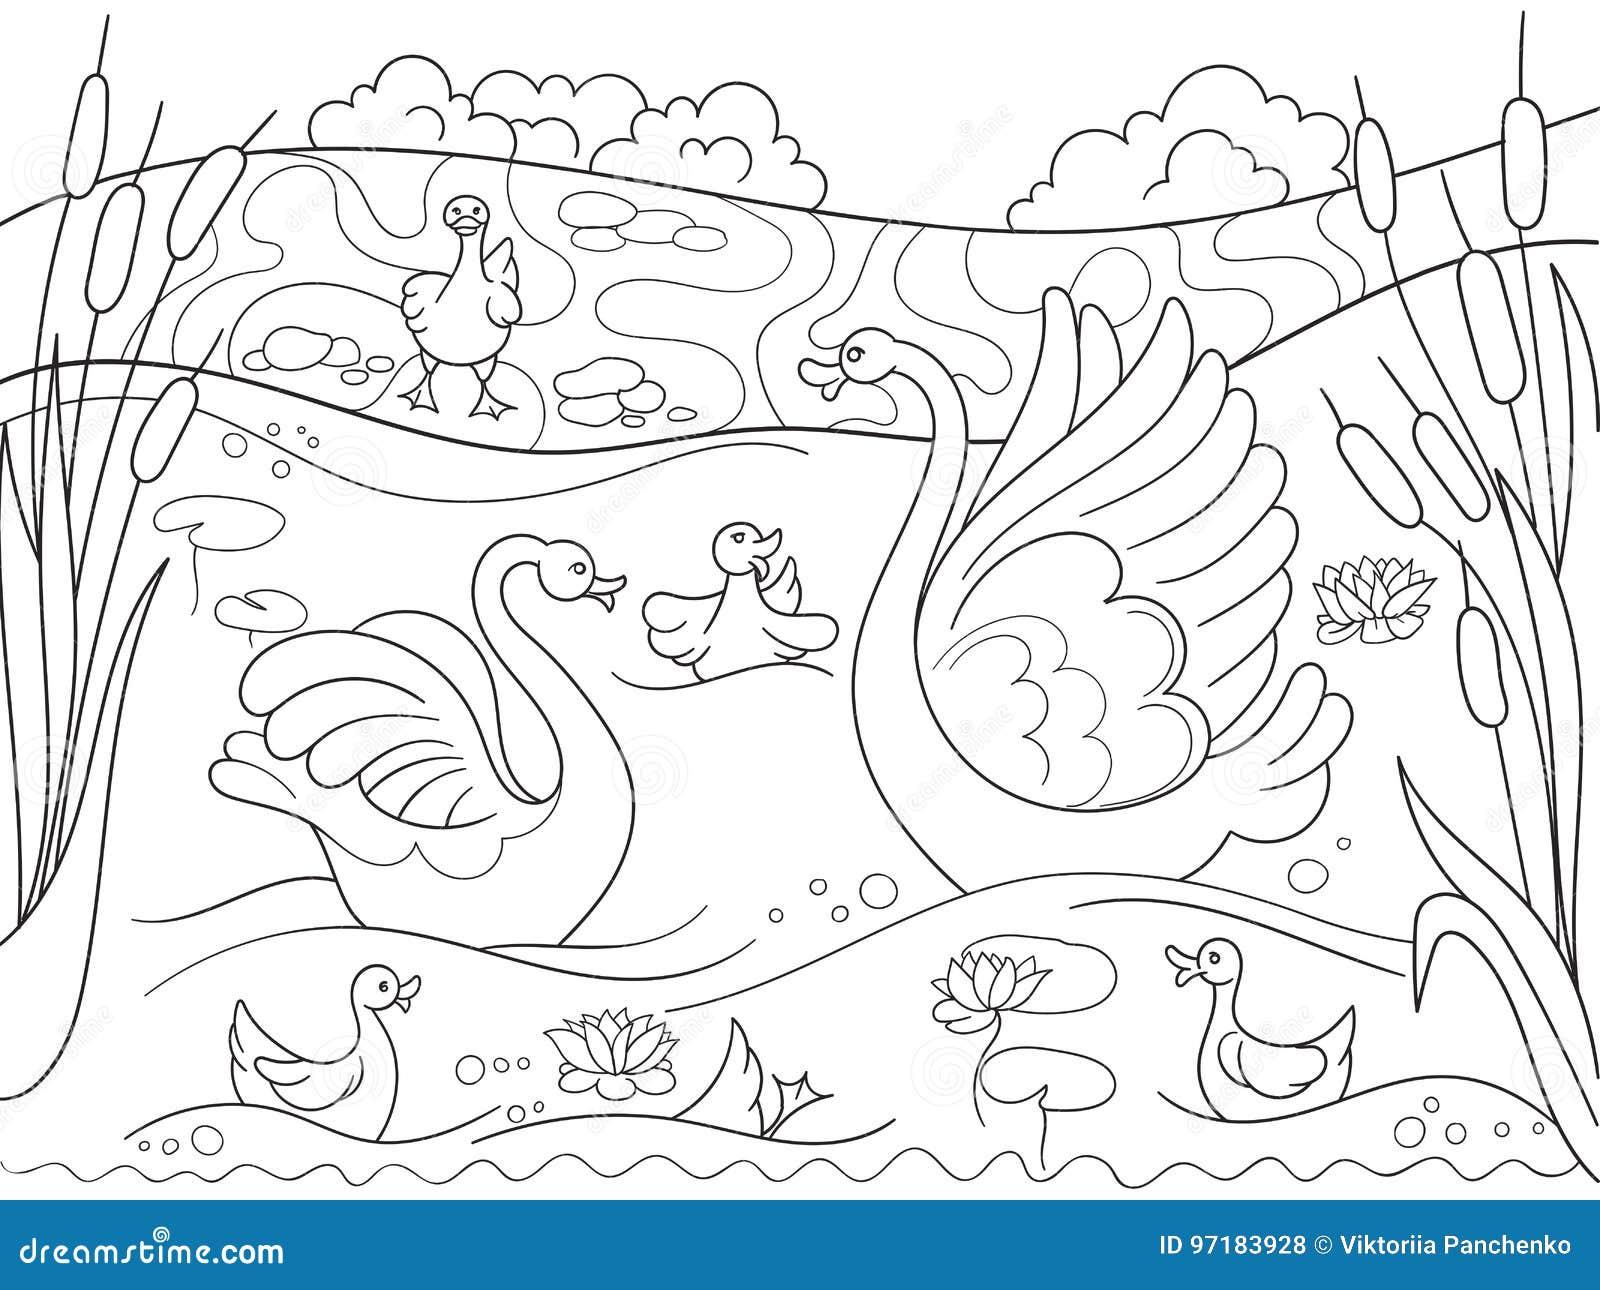 Família Dos Desenhos Animados Do Livro Para Colorir Das